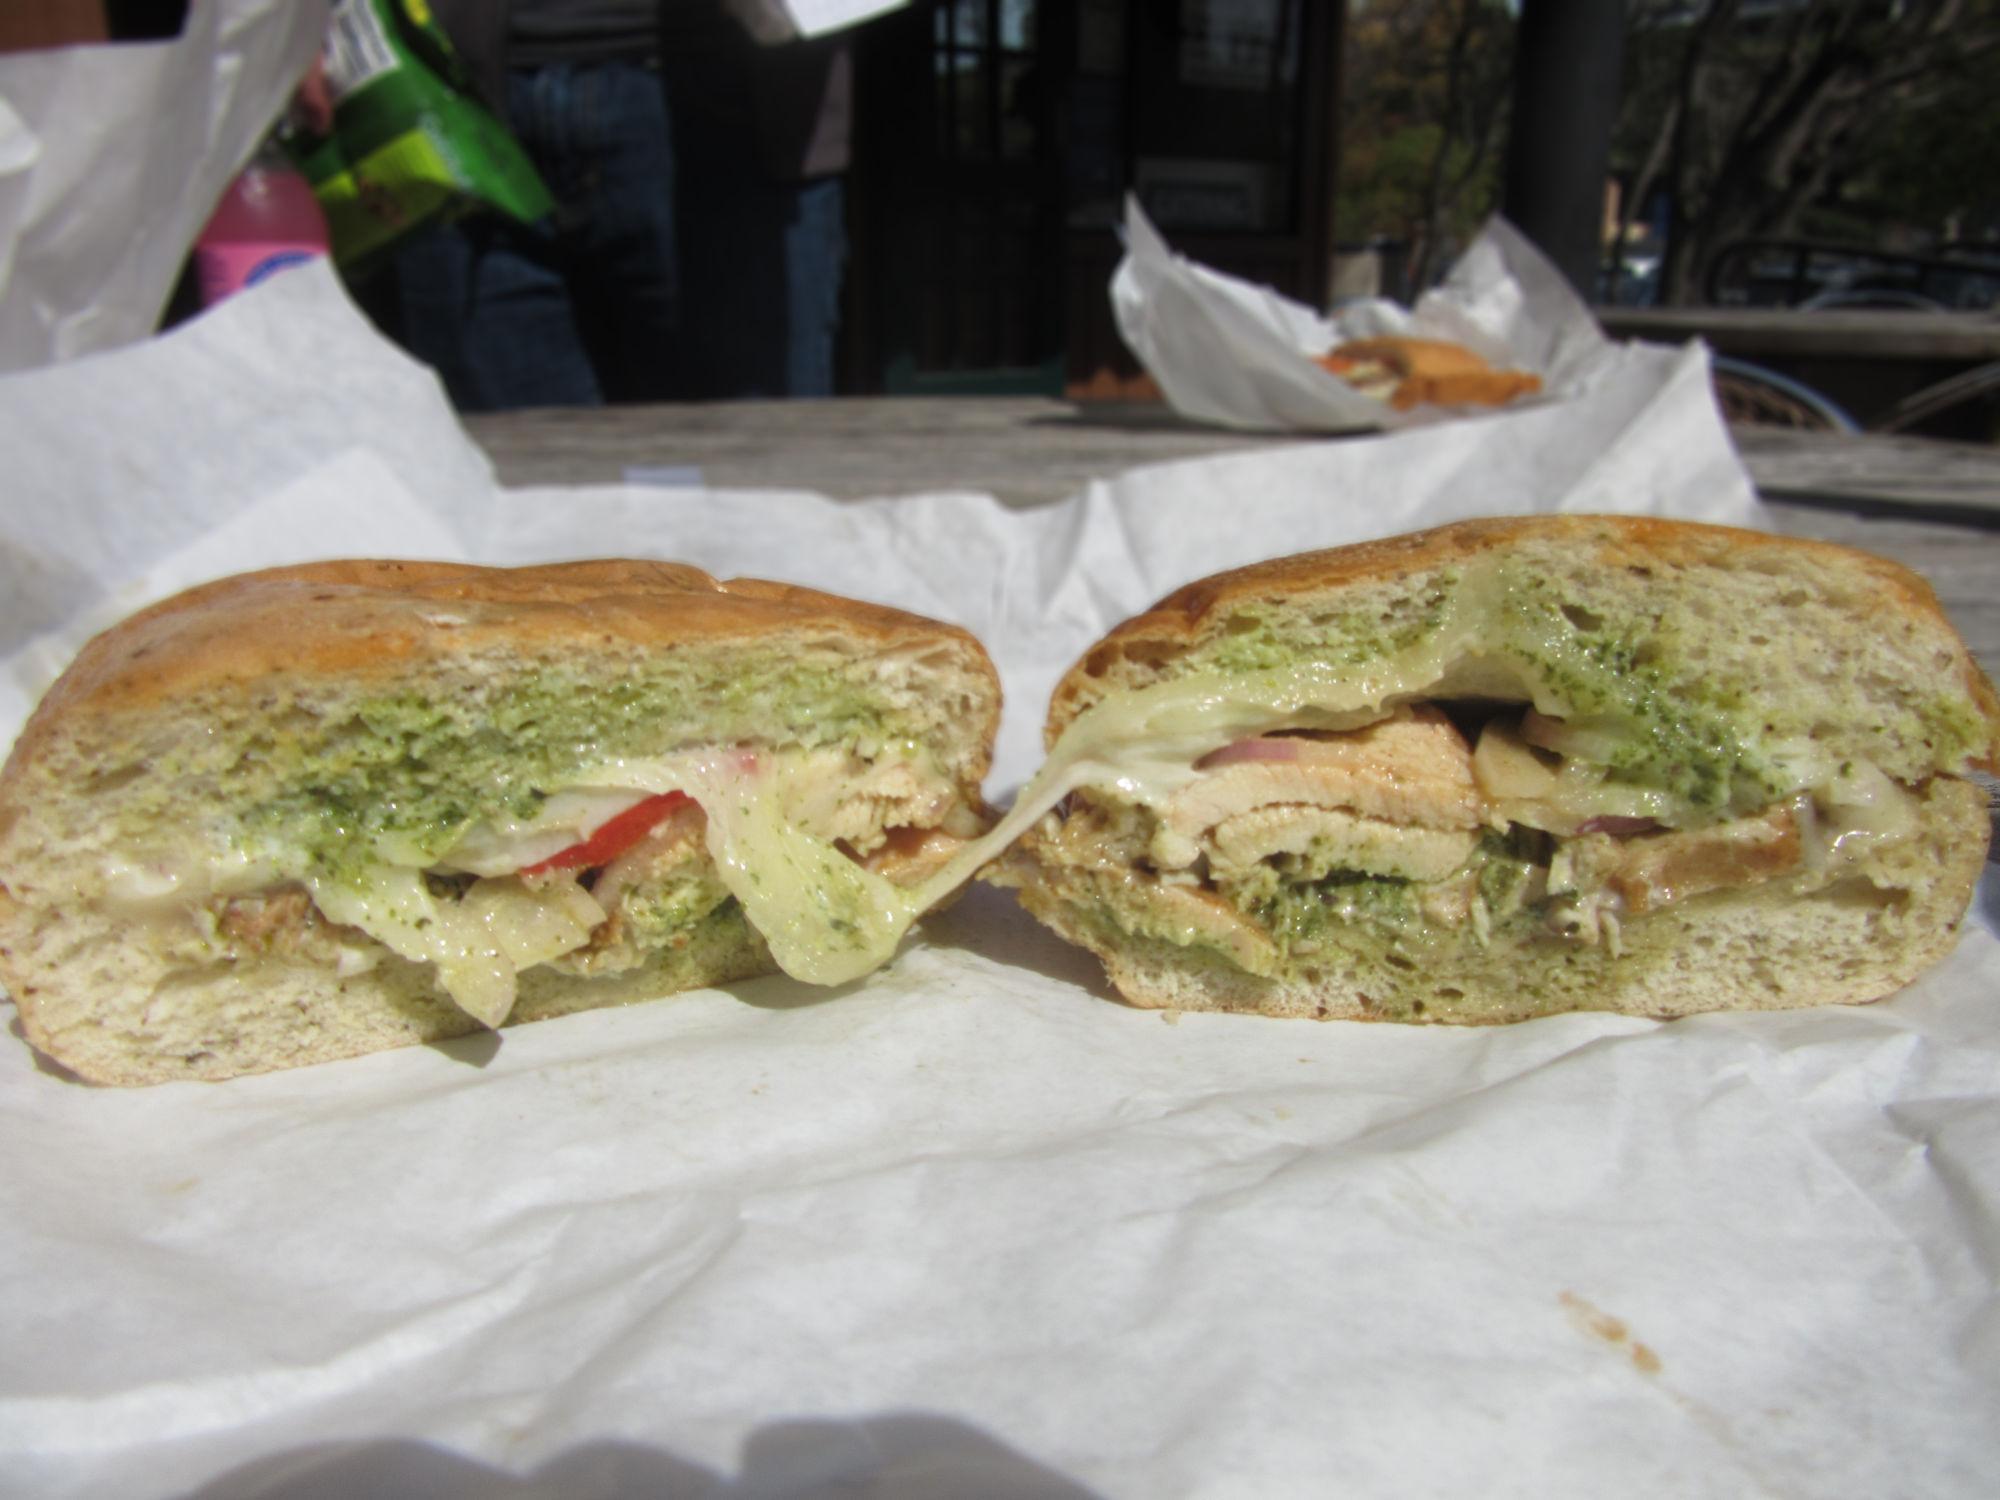 Shelter Bay: A tasty, sheltered sandwich cafe